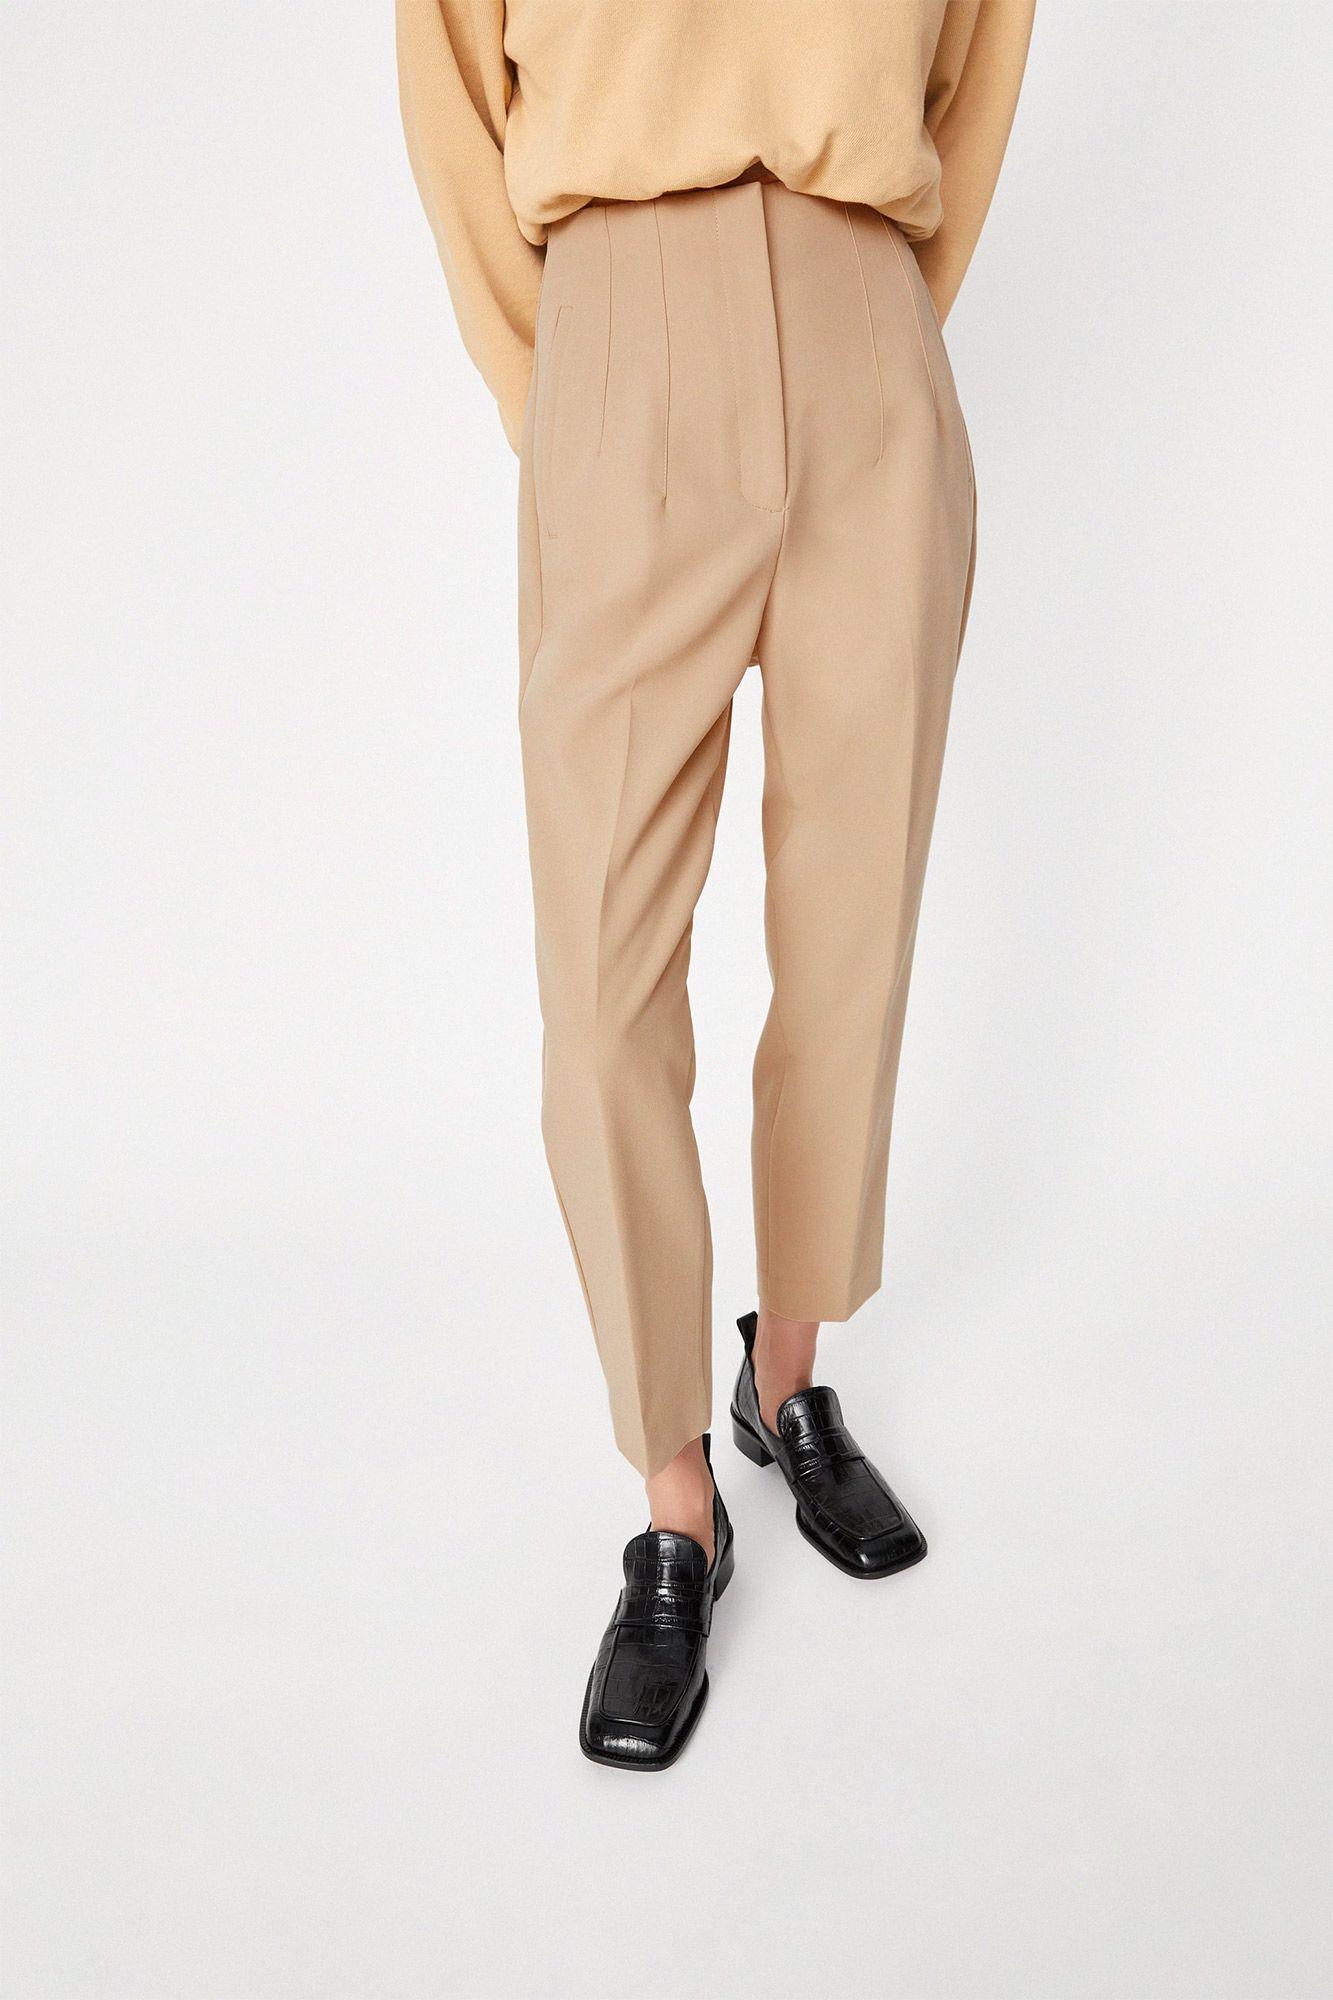 Estos Pantalones De Zara Son Ideales Para Mujeres De Talla Grande